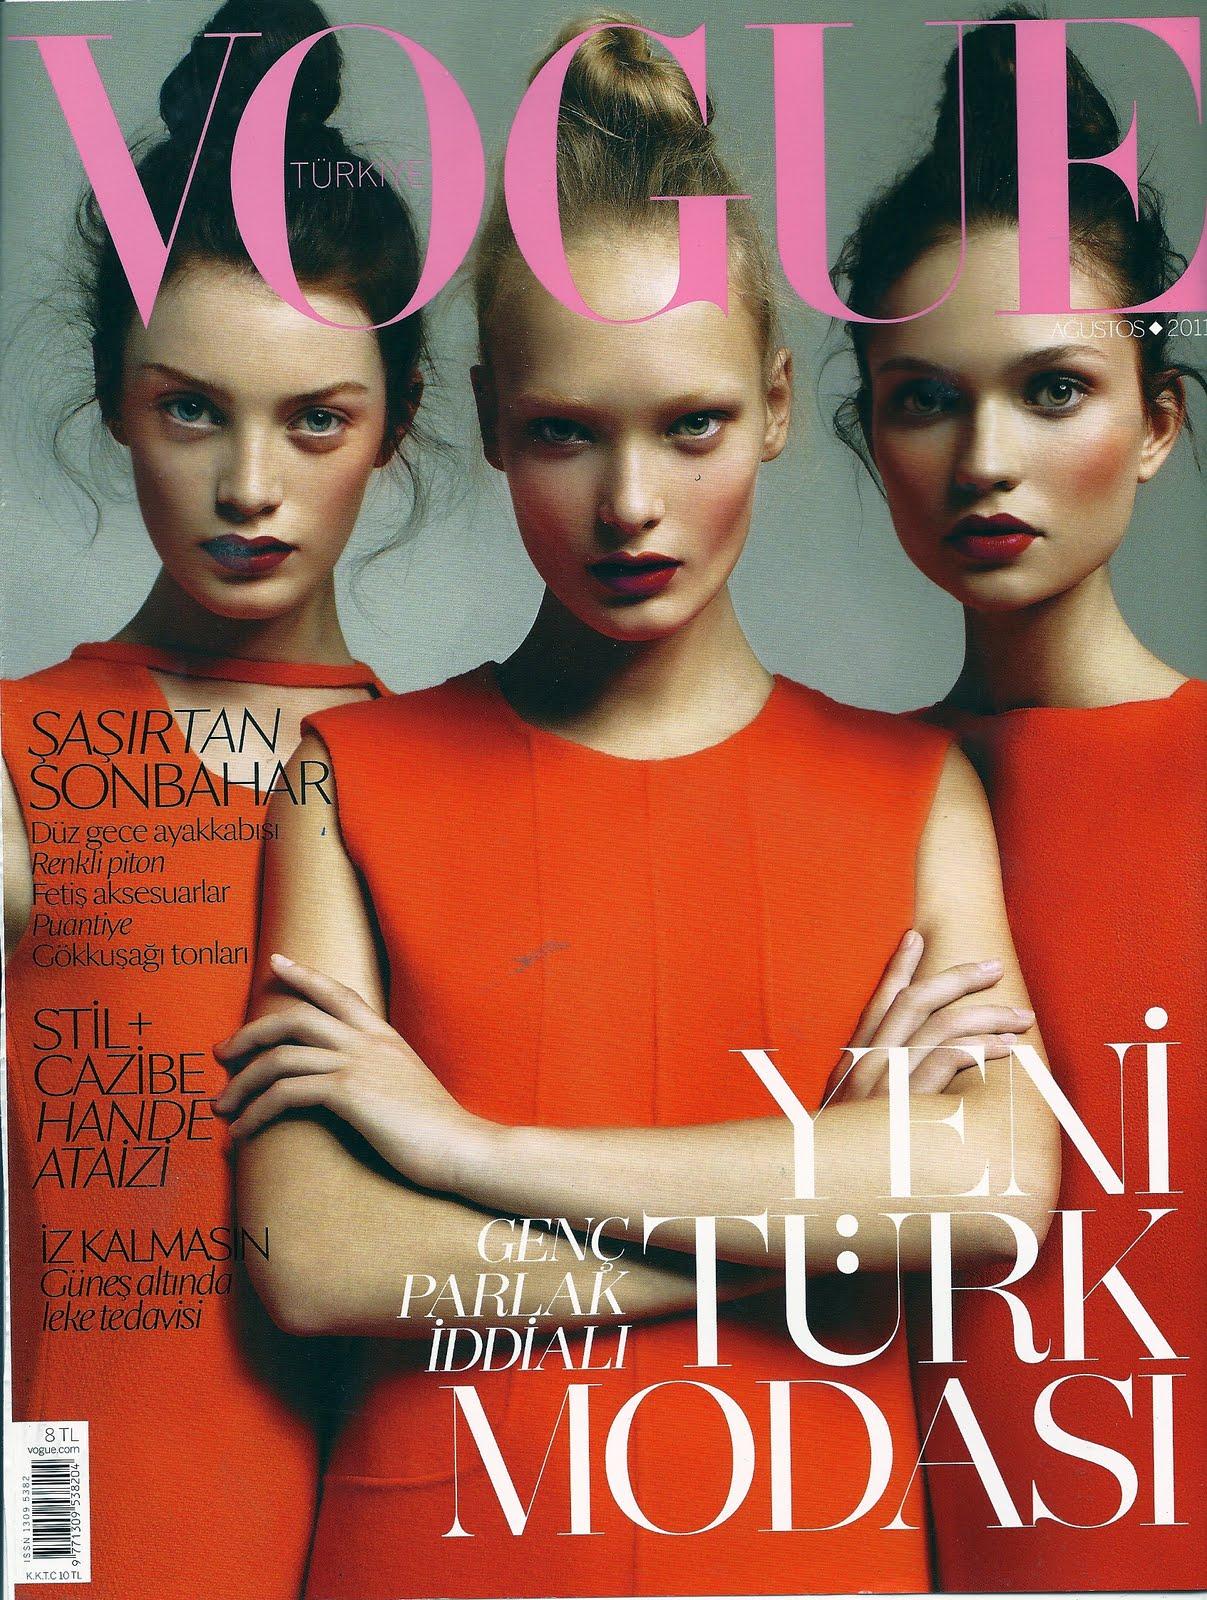 http://1.bp.blogspot.com/-yyUkAdIQI08/TnAKgNvZuWI/AAAAAAAALeQ/dw1lhxDK16U/s1600/7_10_11_vogue-turkey-cover.jpg